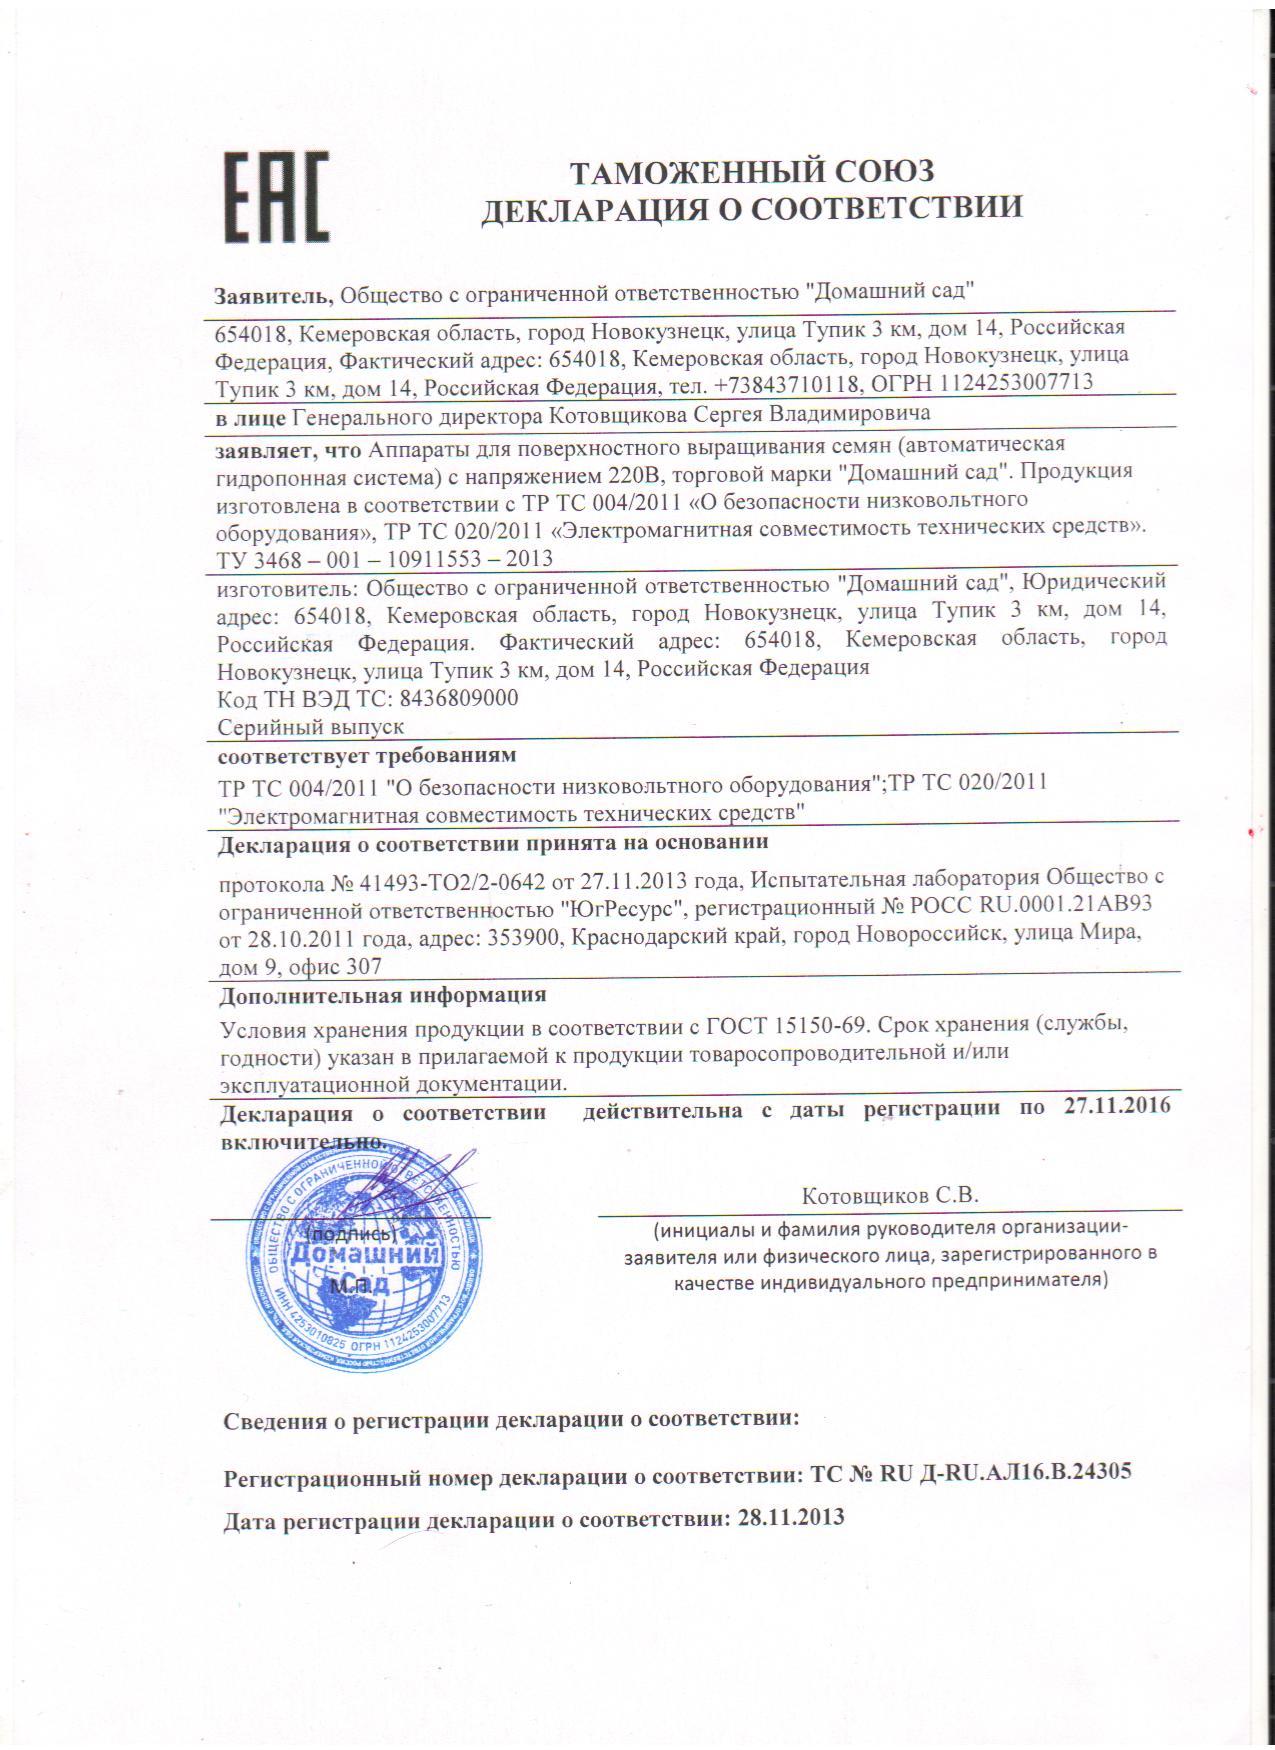 deklaratsiya_o_sootvetsvii_TR_TS_na_Domashniy_sad_1_1_.jpg